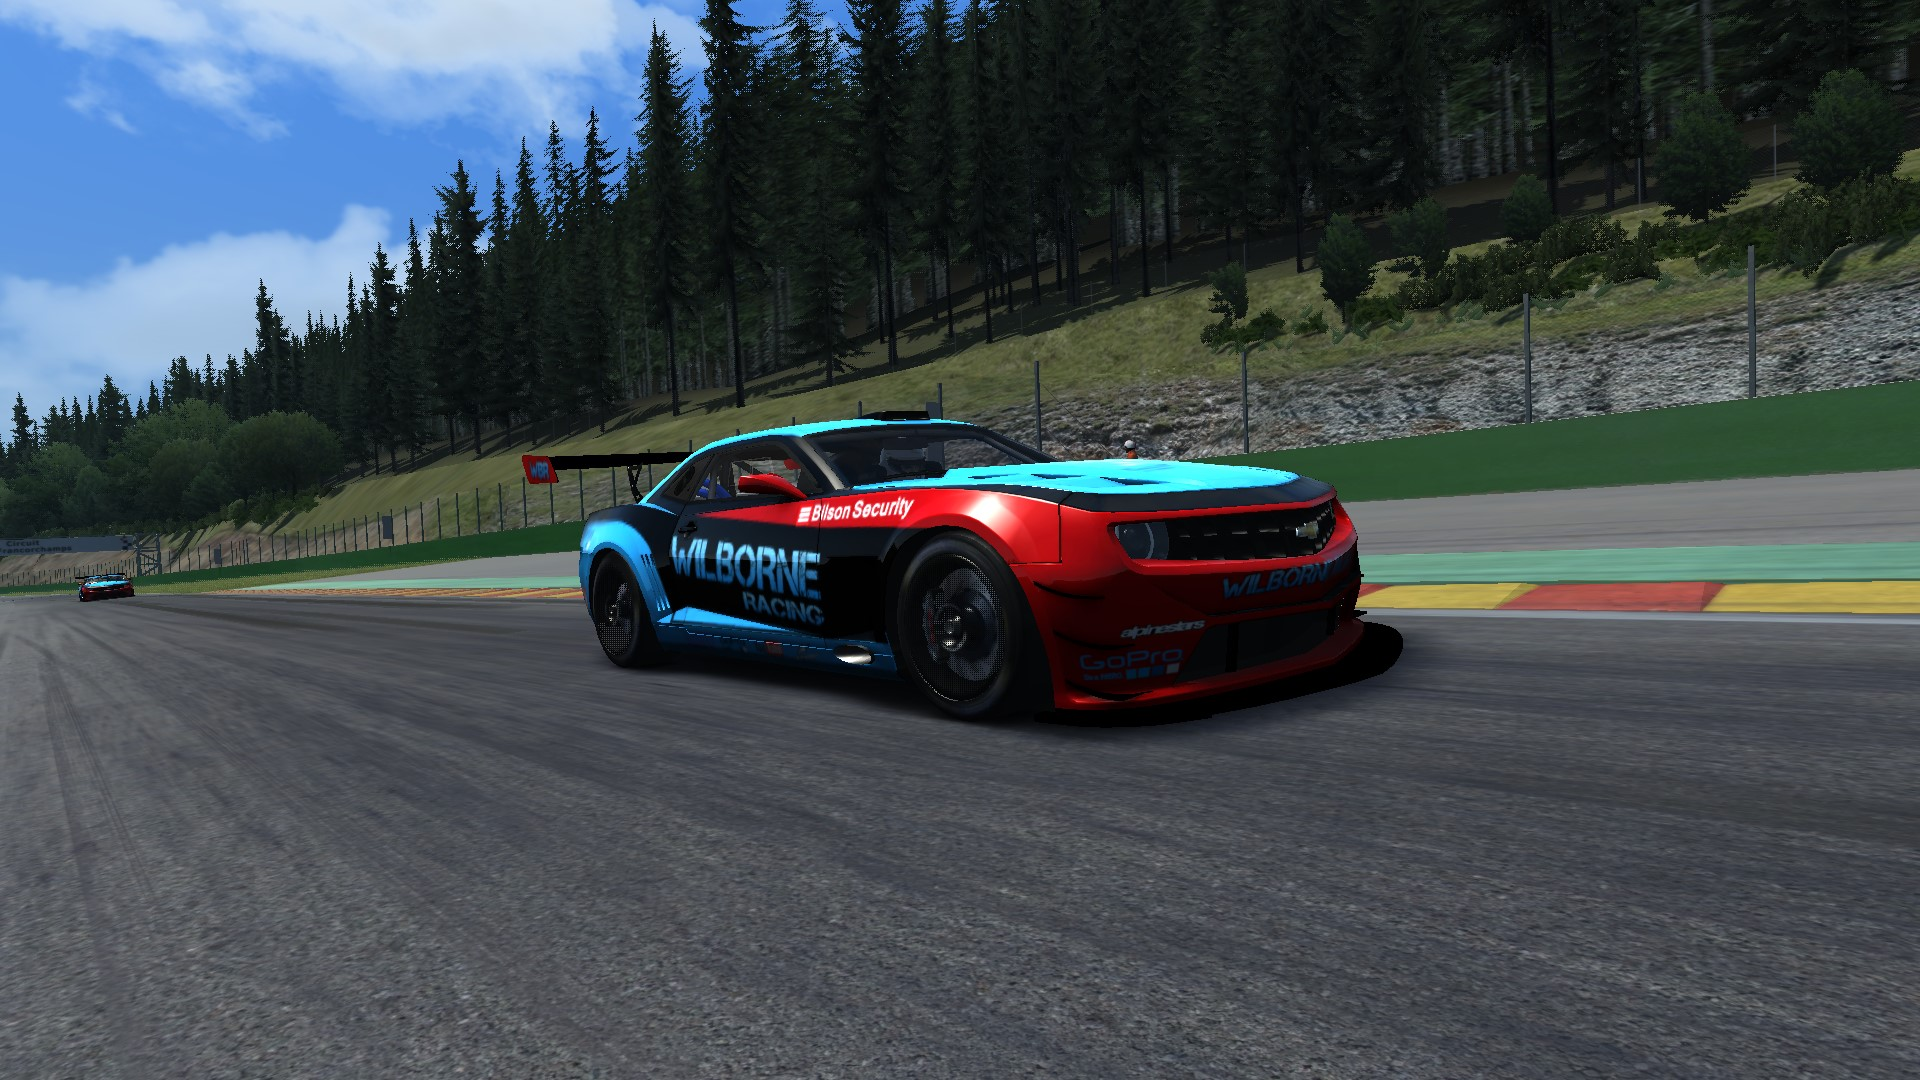 Screenshot_sareni_camaro_gt_racecar_spa_2-2-2015-17-28-47.jpg